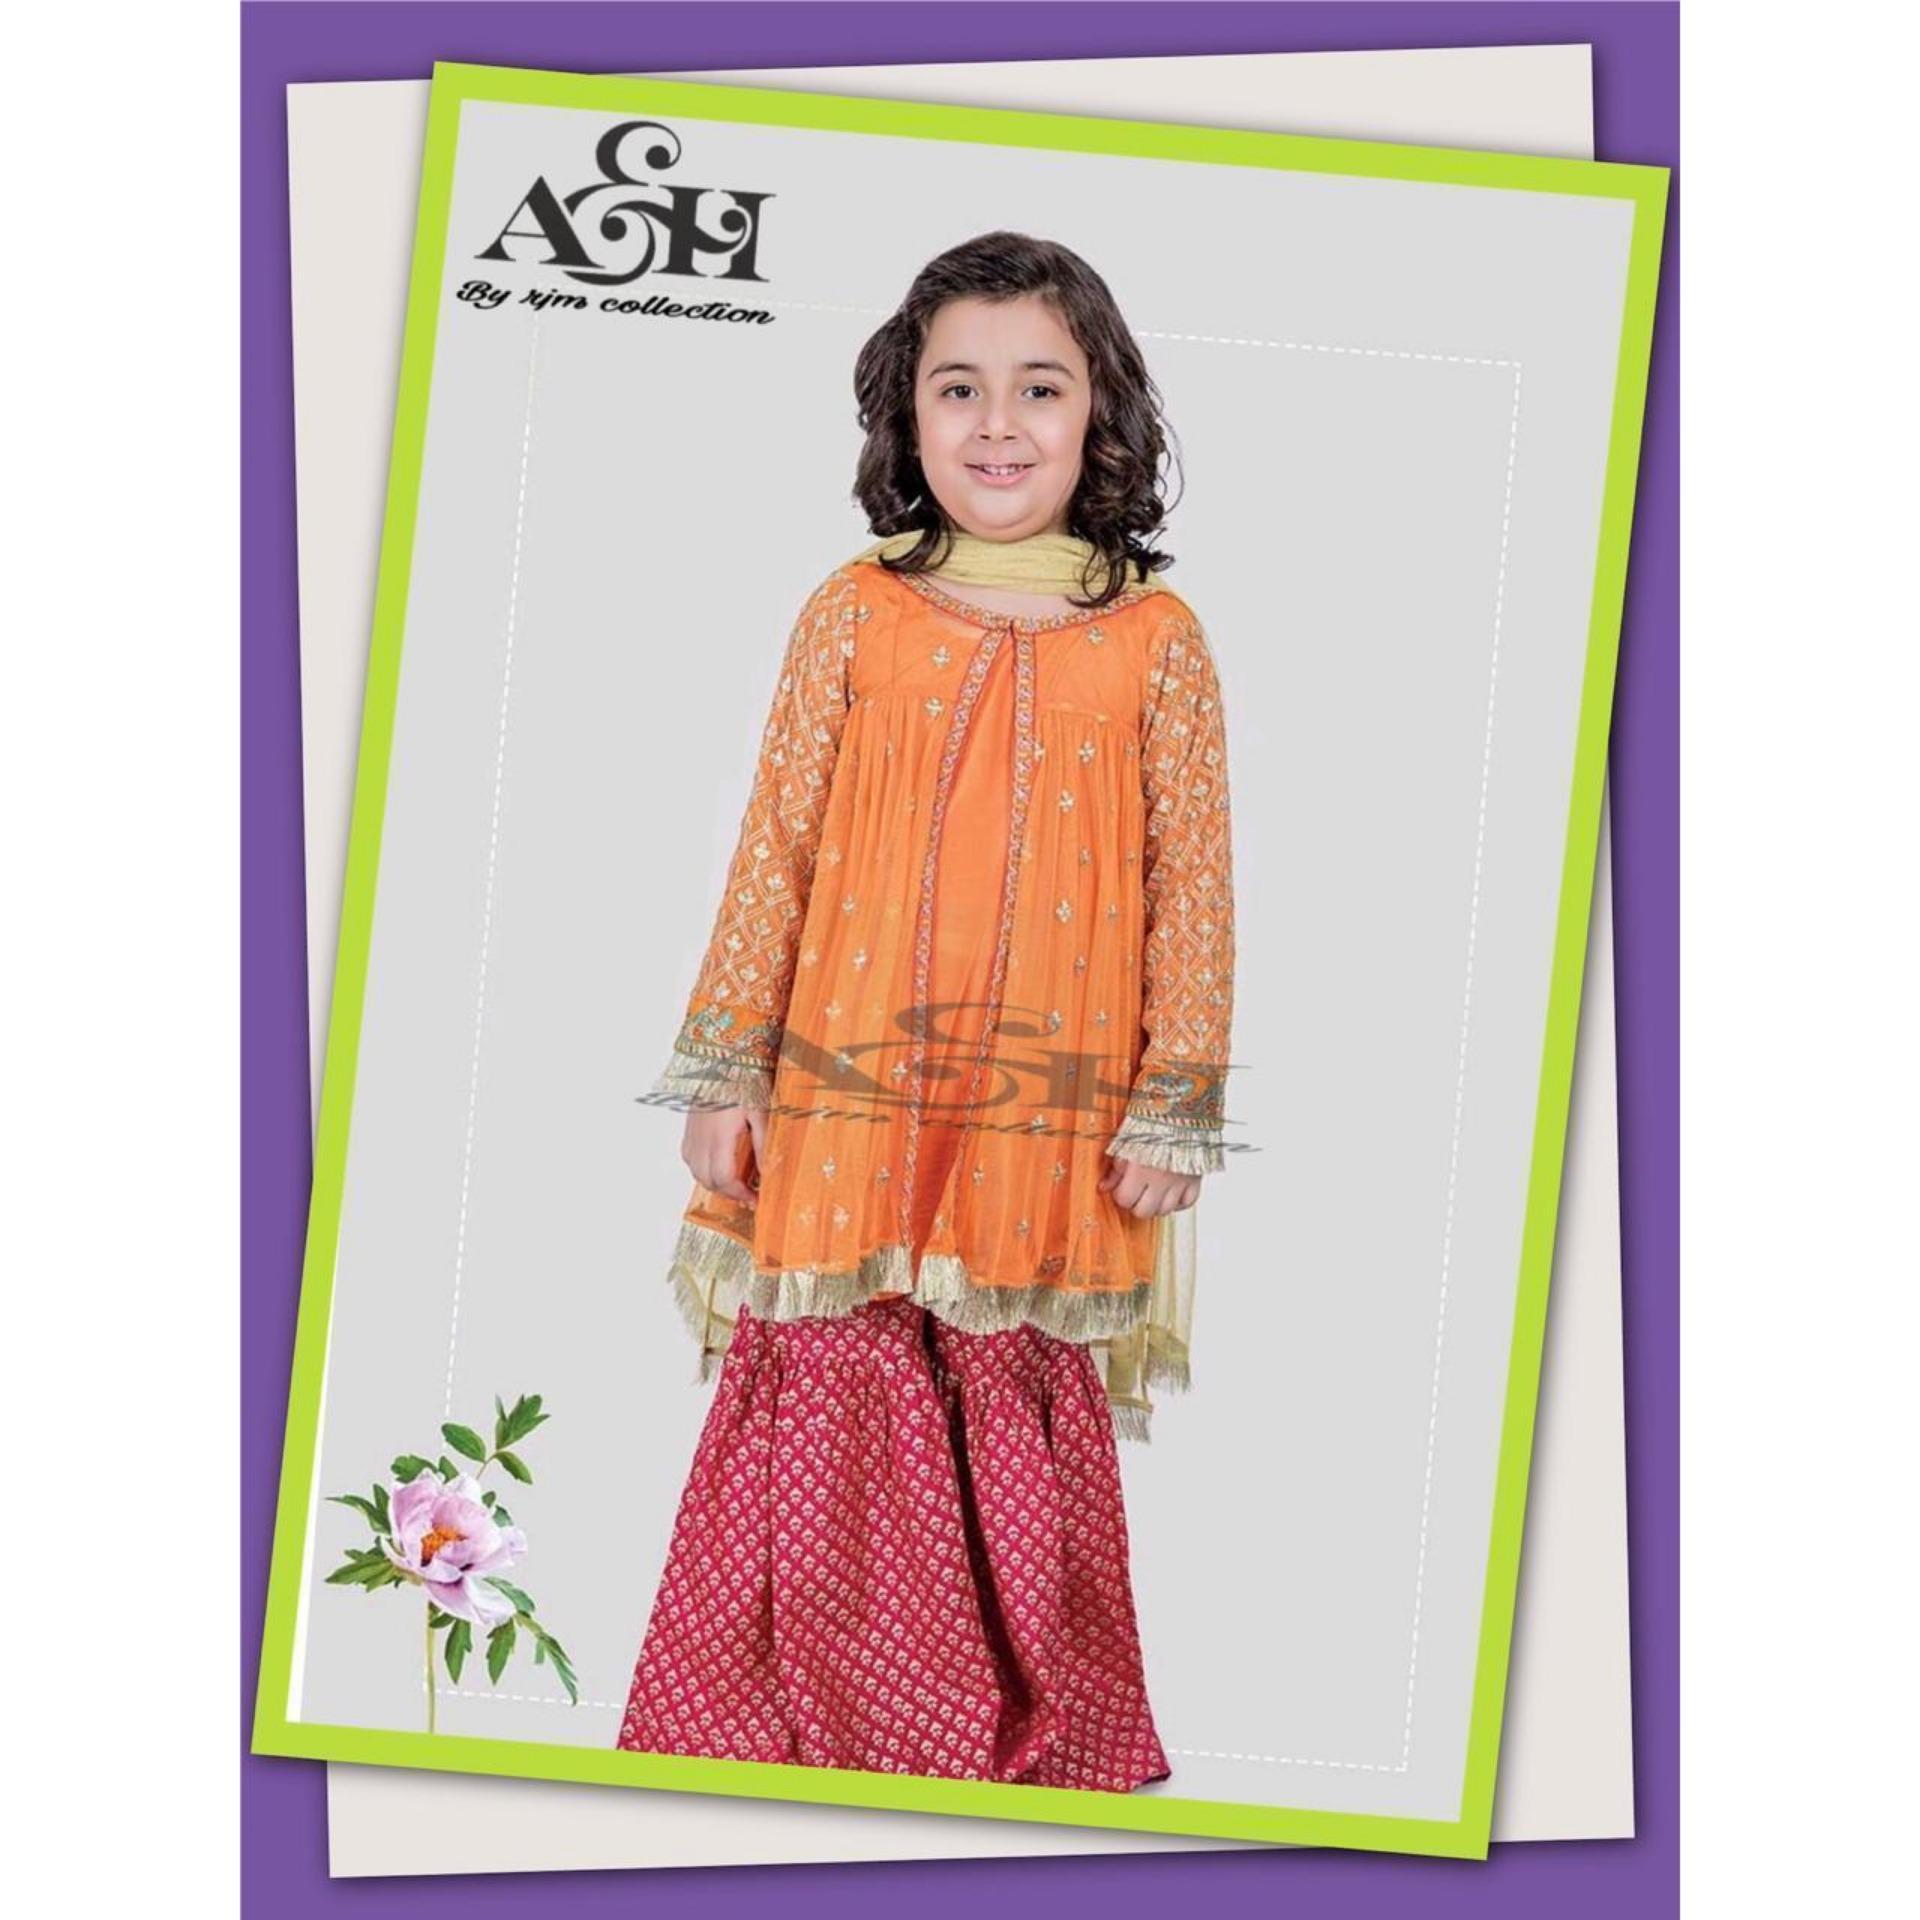 77da8e811a 2019 Kids EID collection, Unstitched Dress, Latest Kids EID collection,  Beautiful Design Kids